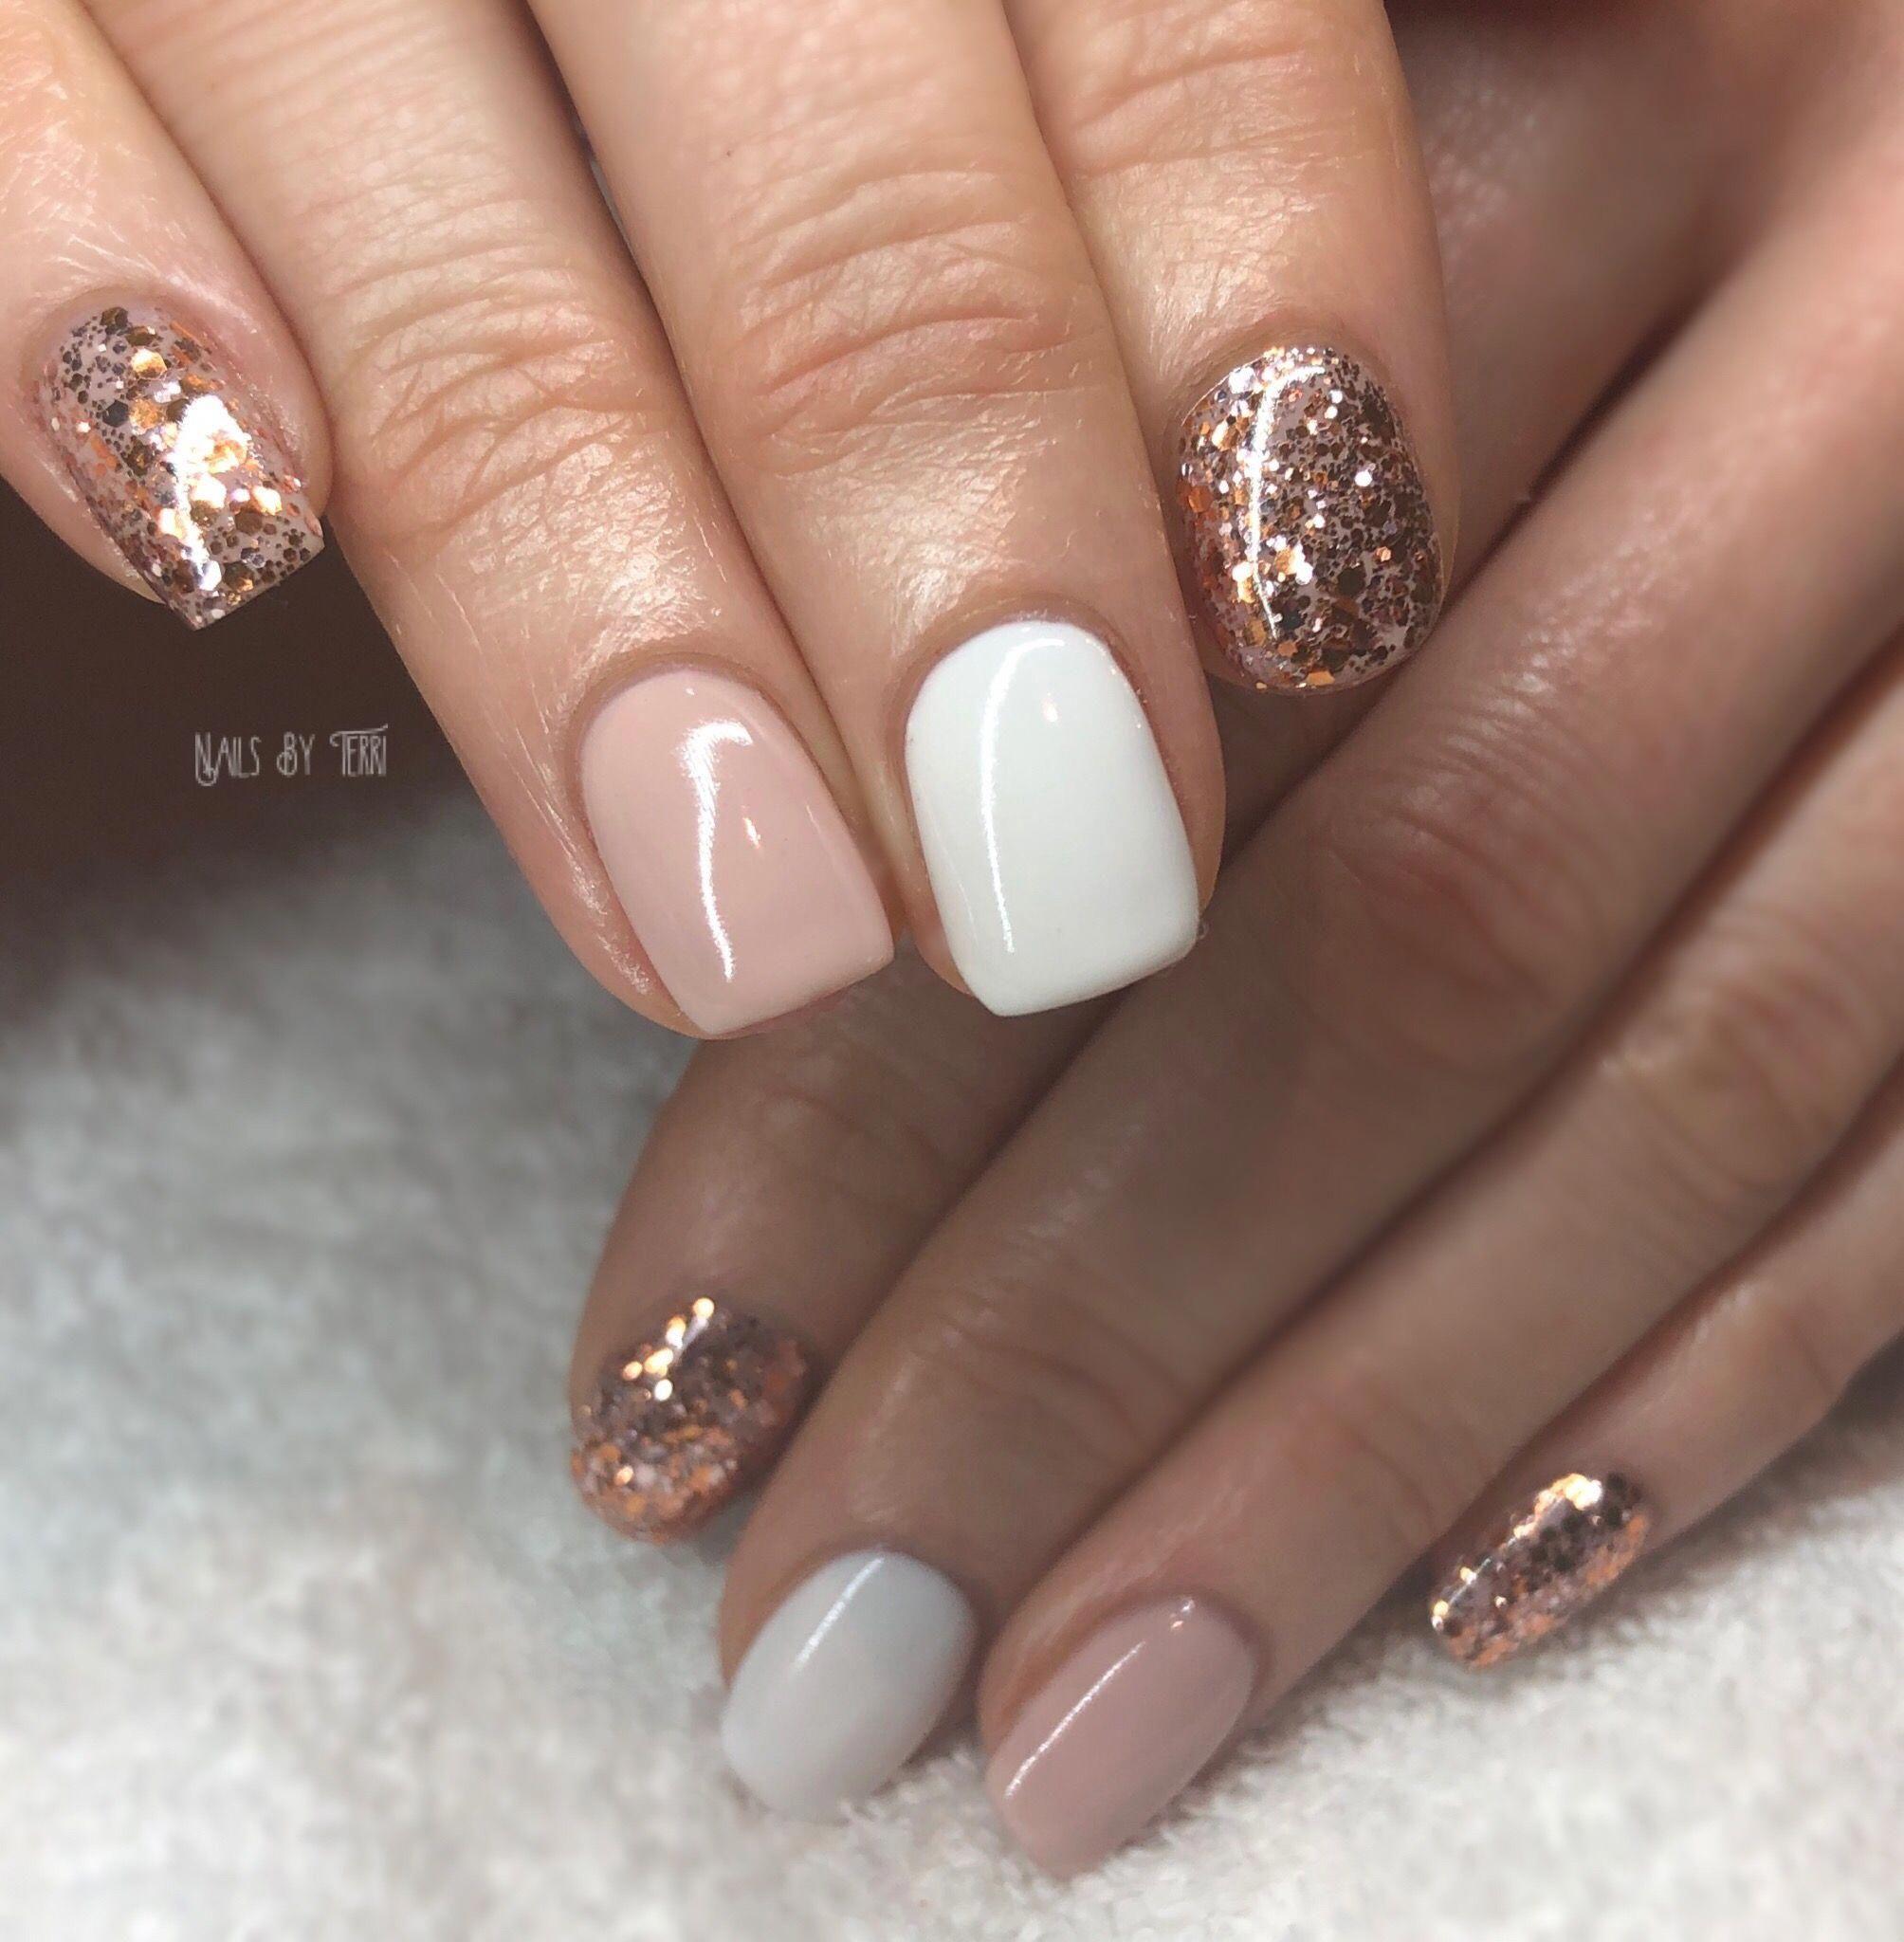 Pin On Toe Nails Ideas